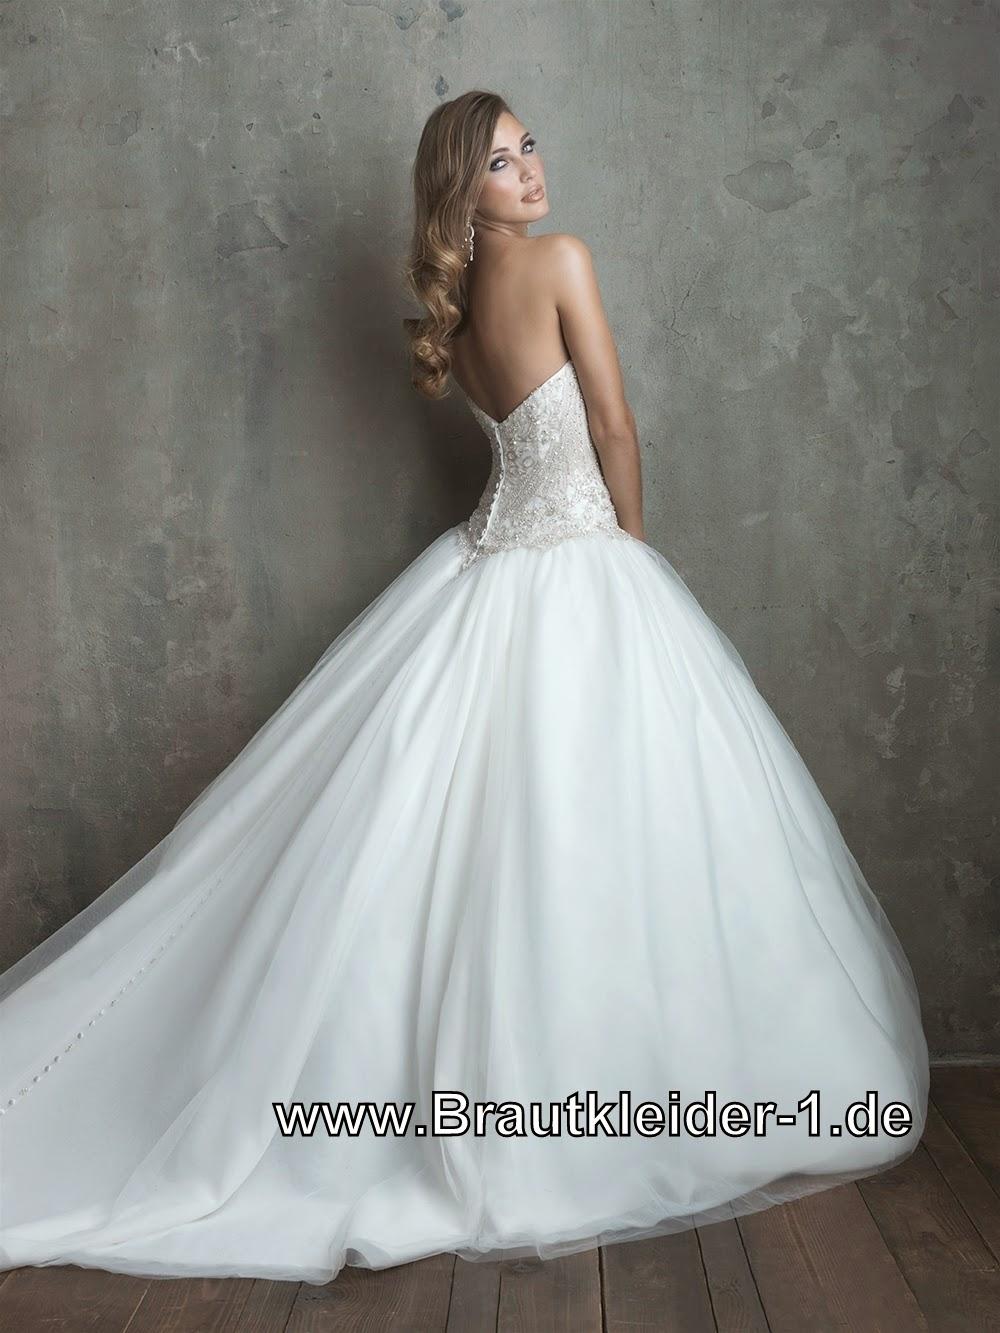 Brautkleider mit Schleppe: Luxus Brautkleid Hochzeitskleid Sofia